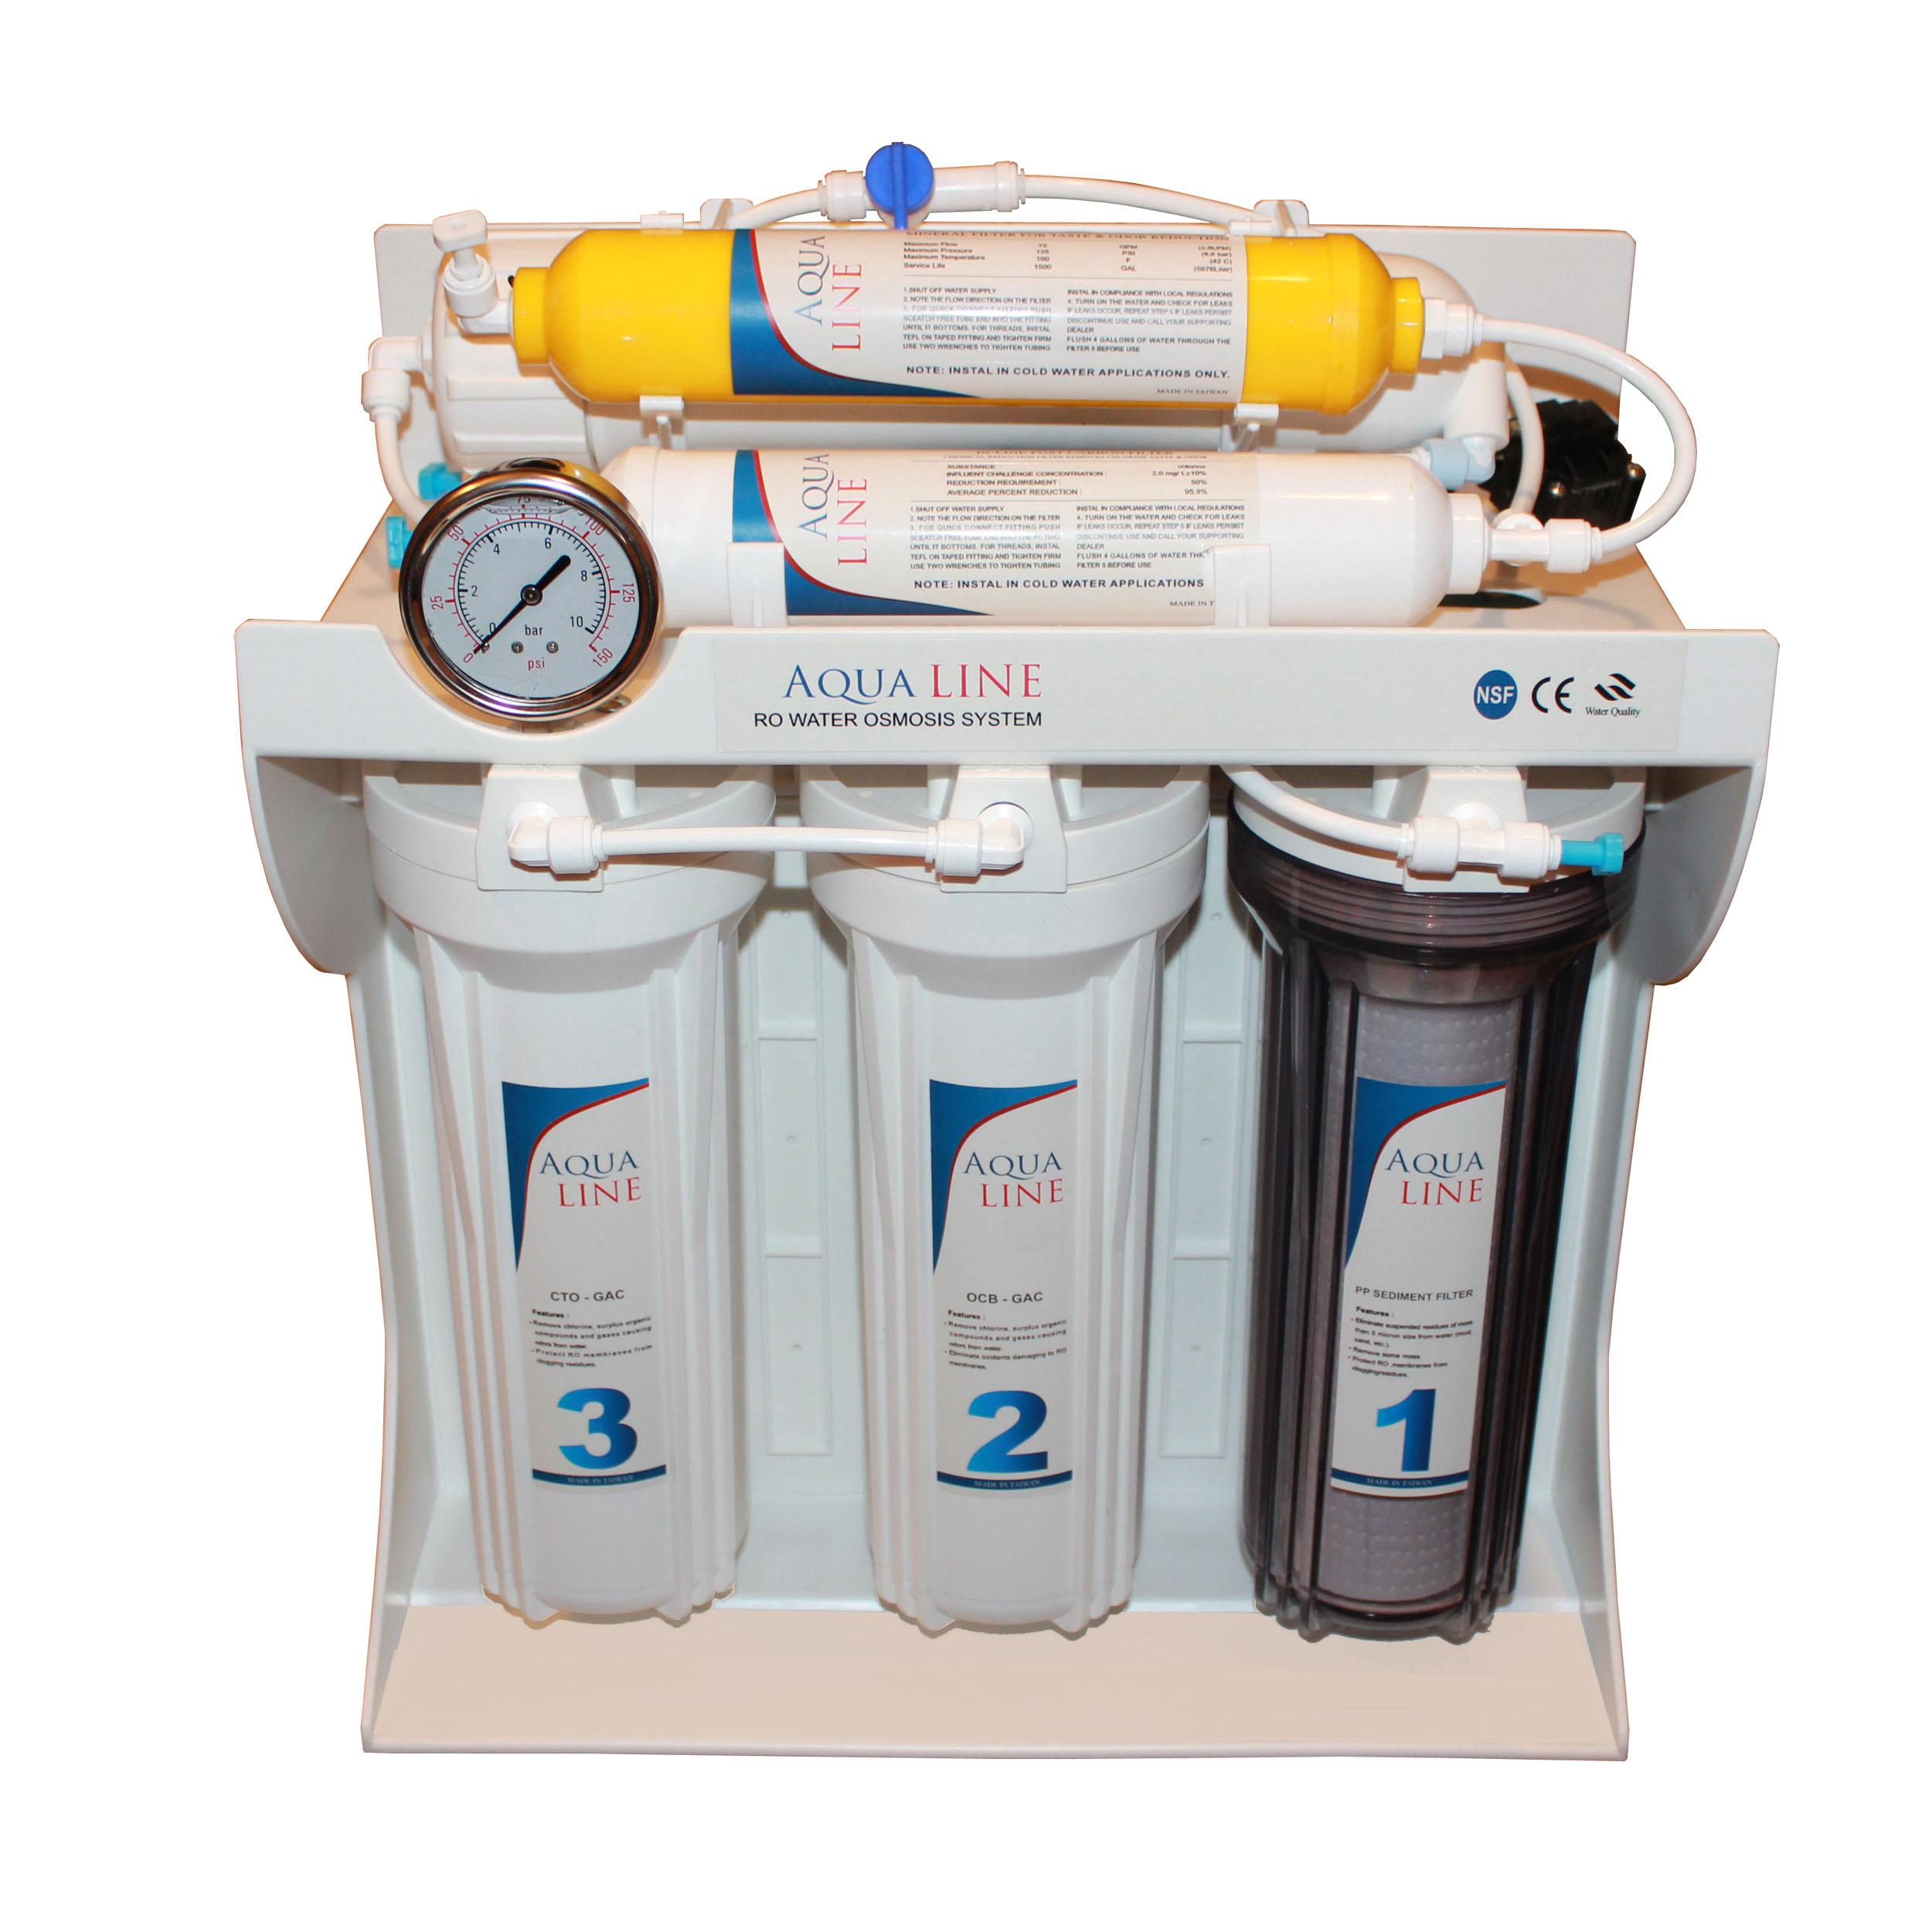 دستگاه تصفیه کننده آب آکوا لاین مدل RO-LINE 600 fiber